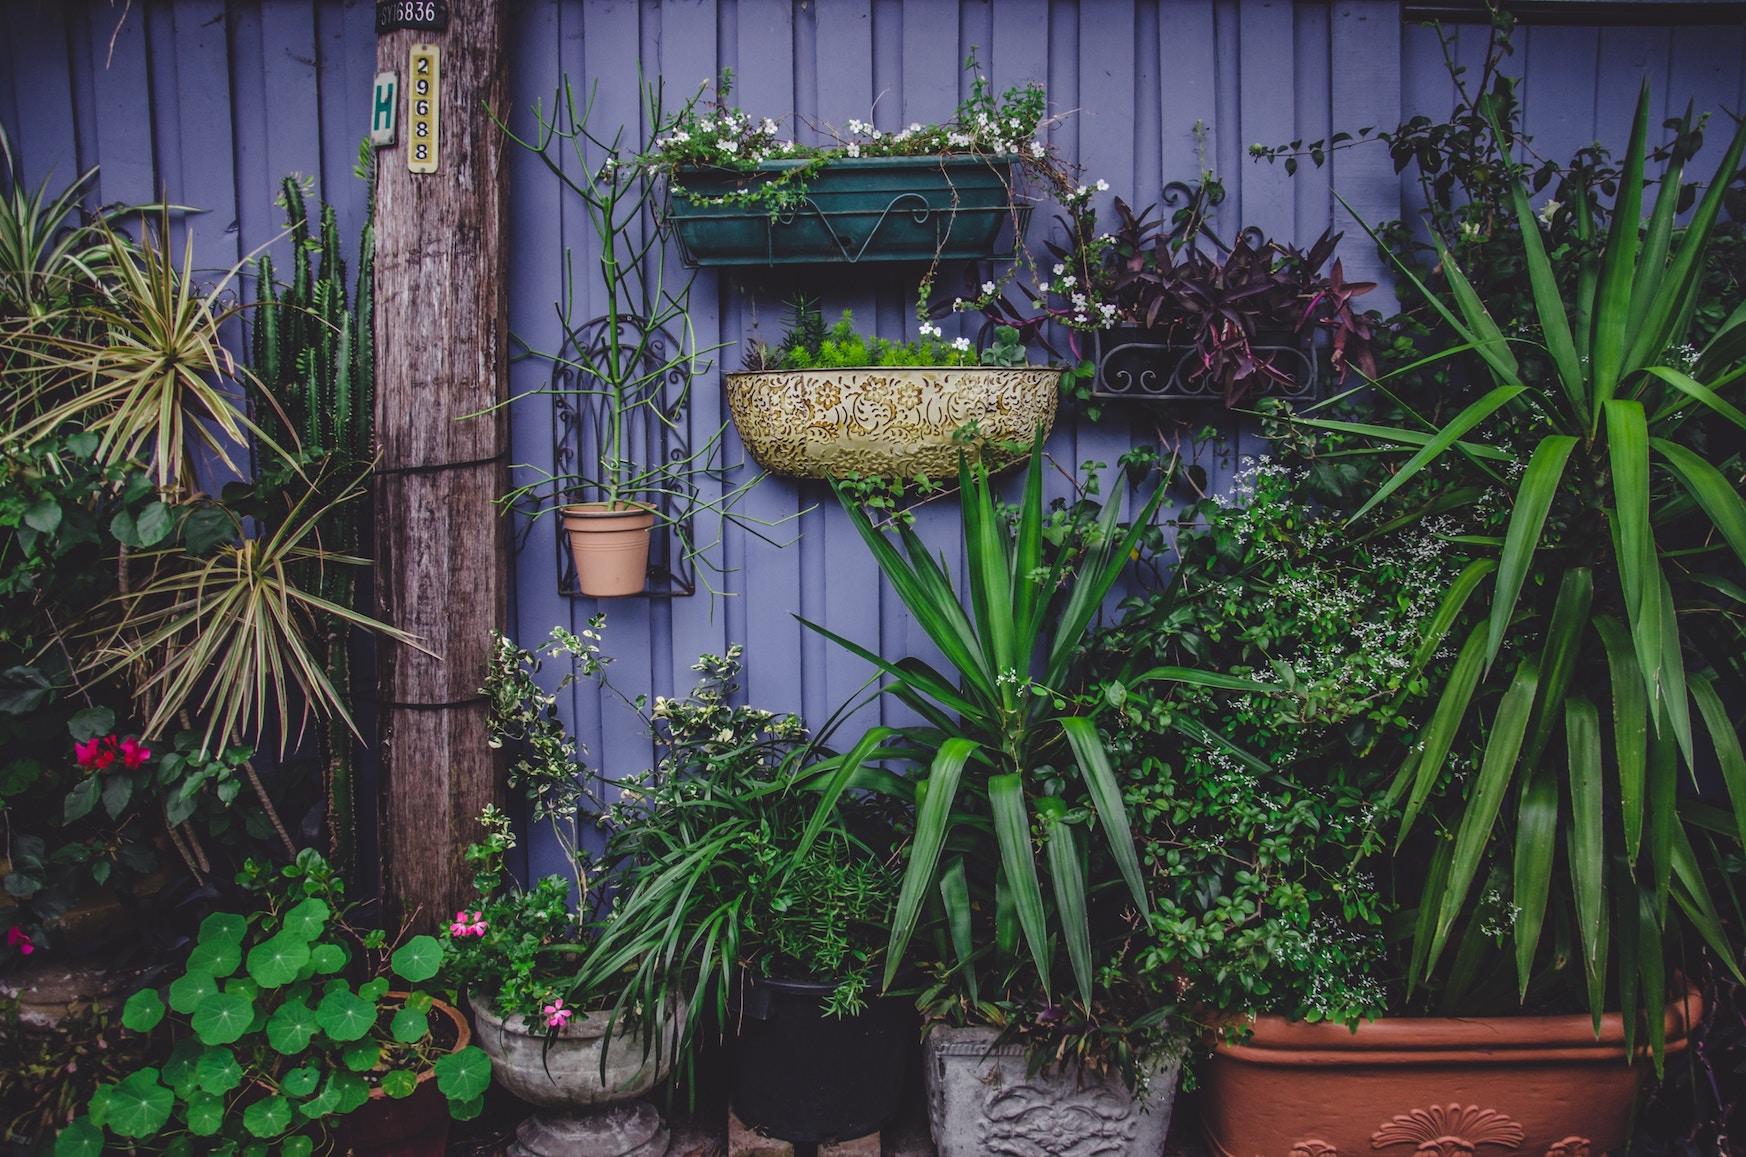 Tuinieren Op Balkon : Verticaal tuintje op balkon tuin verticaal tuinieren tips diy